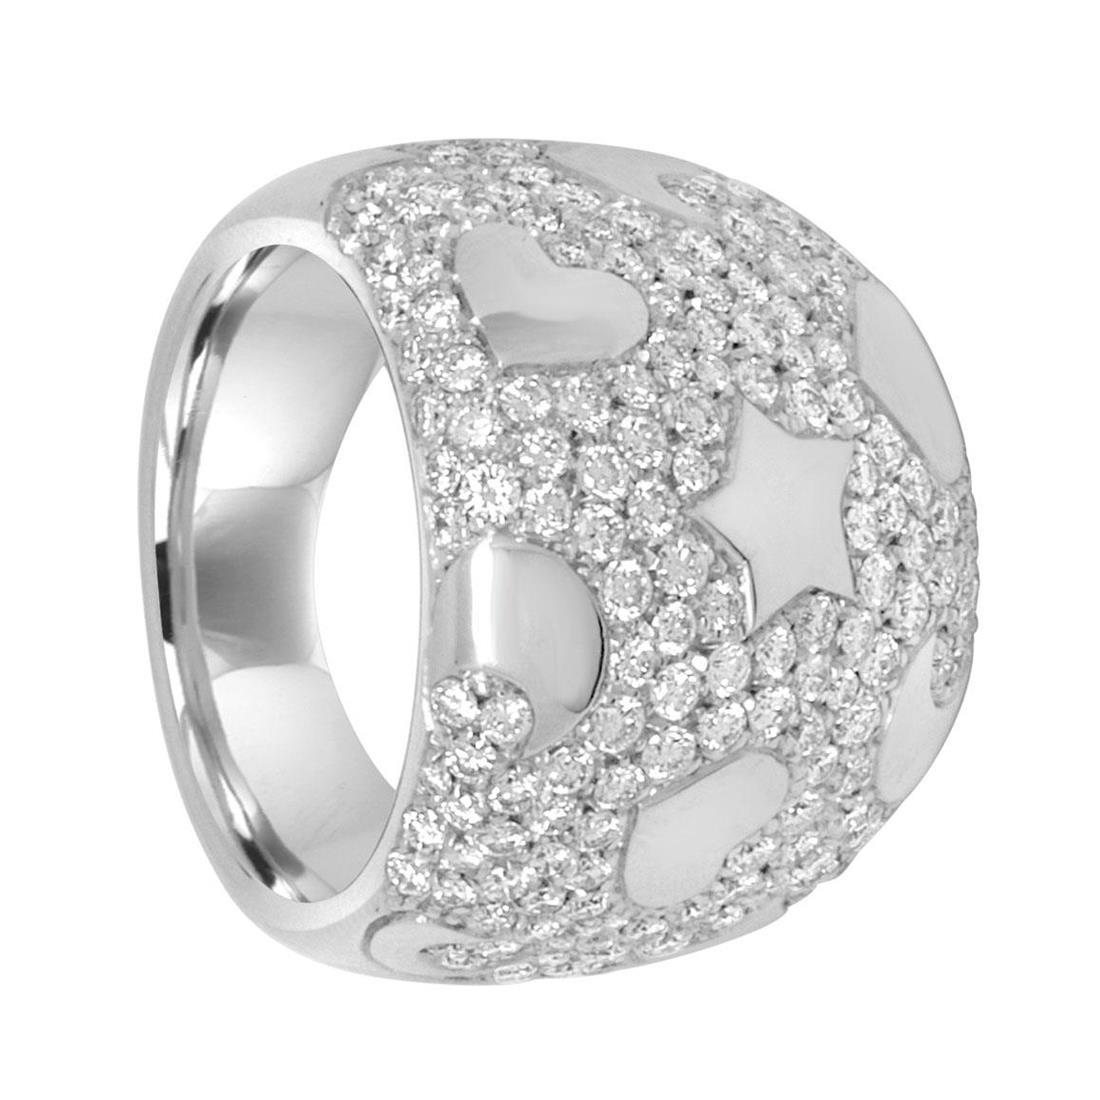 Anello in oro bianco con pavé di diamanti 2.35 ct - PASQUALE BRUNI